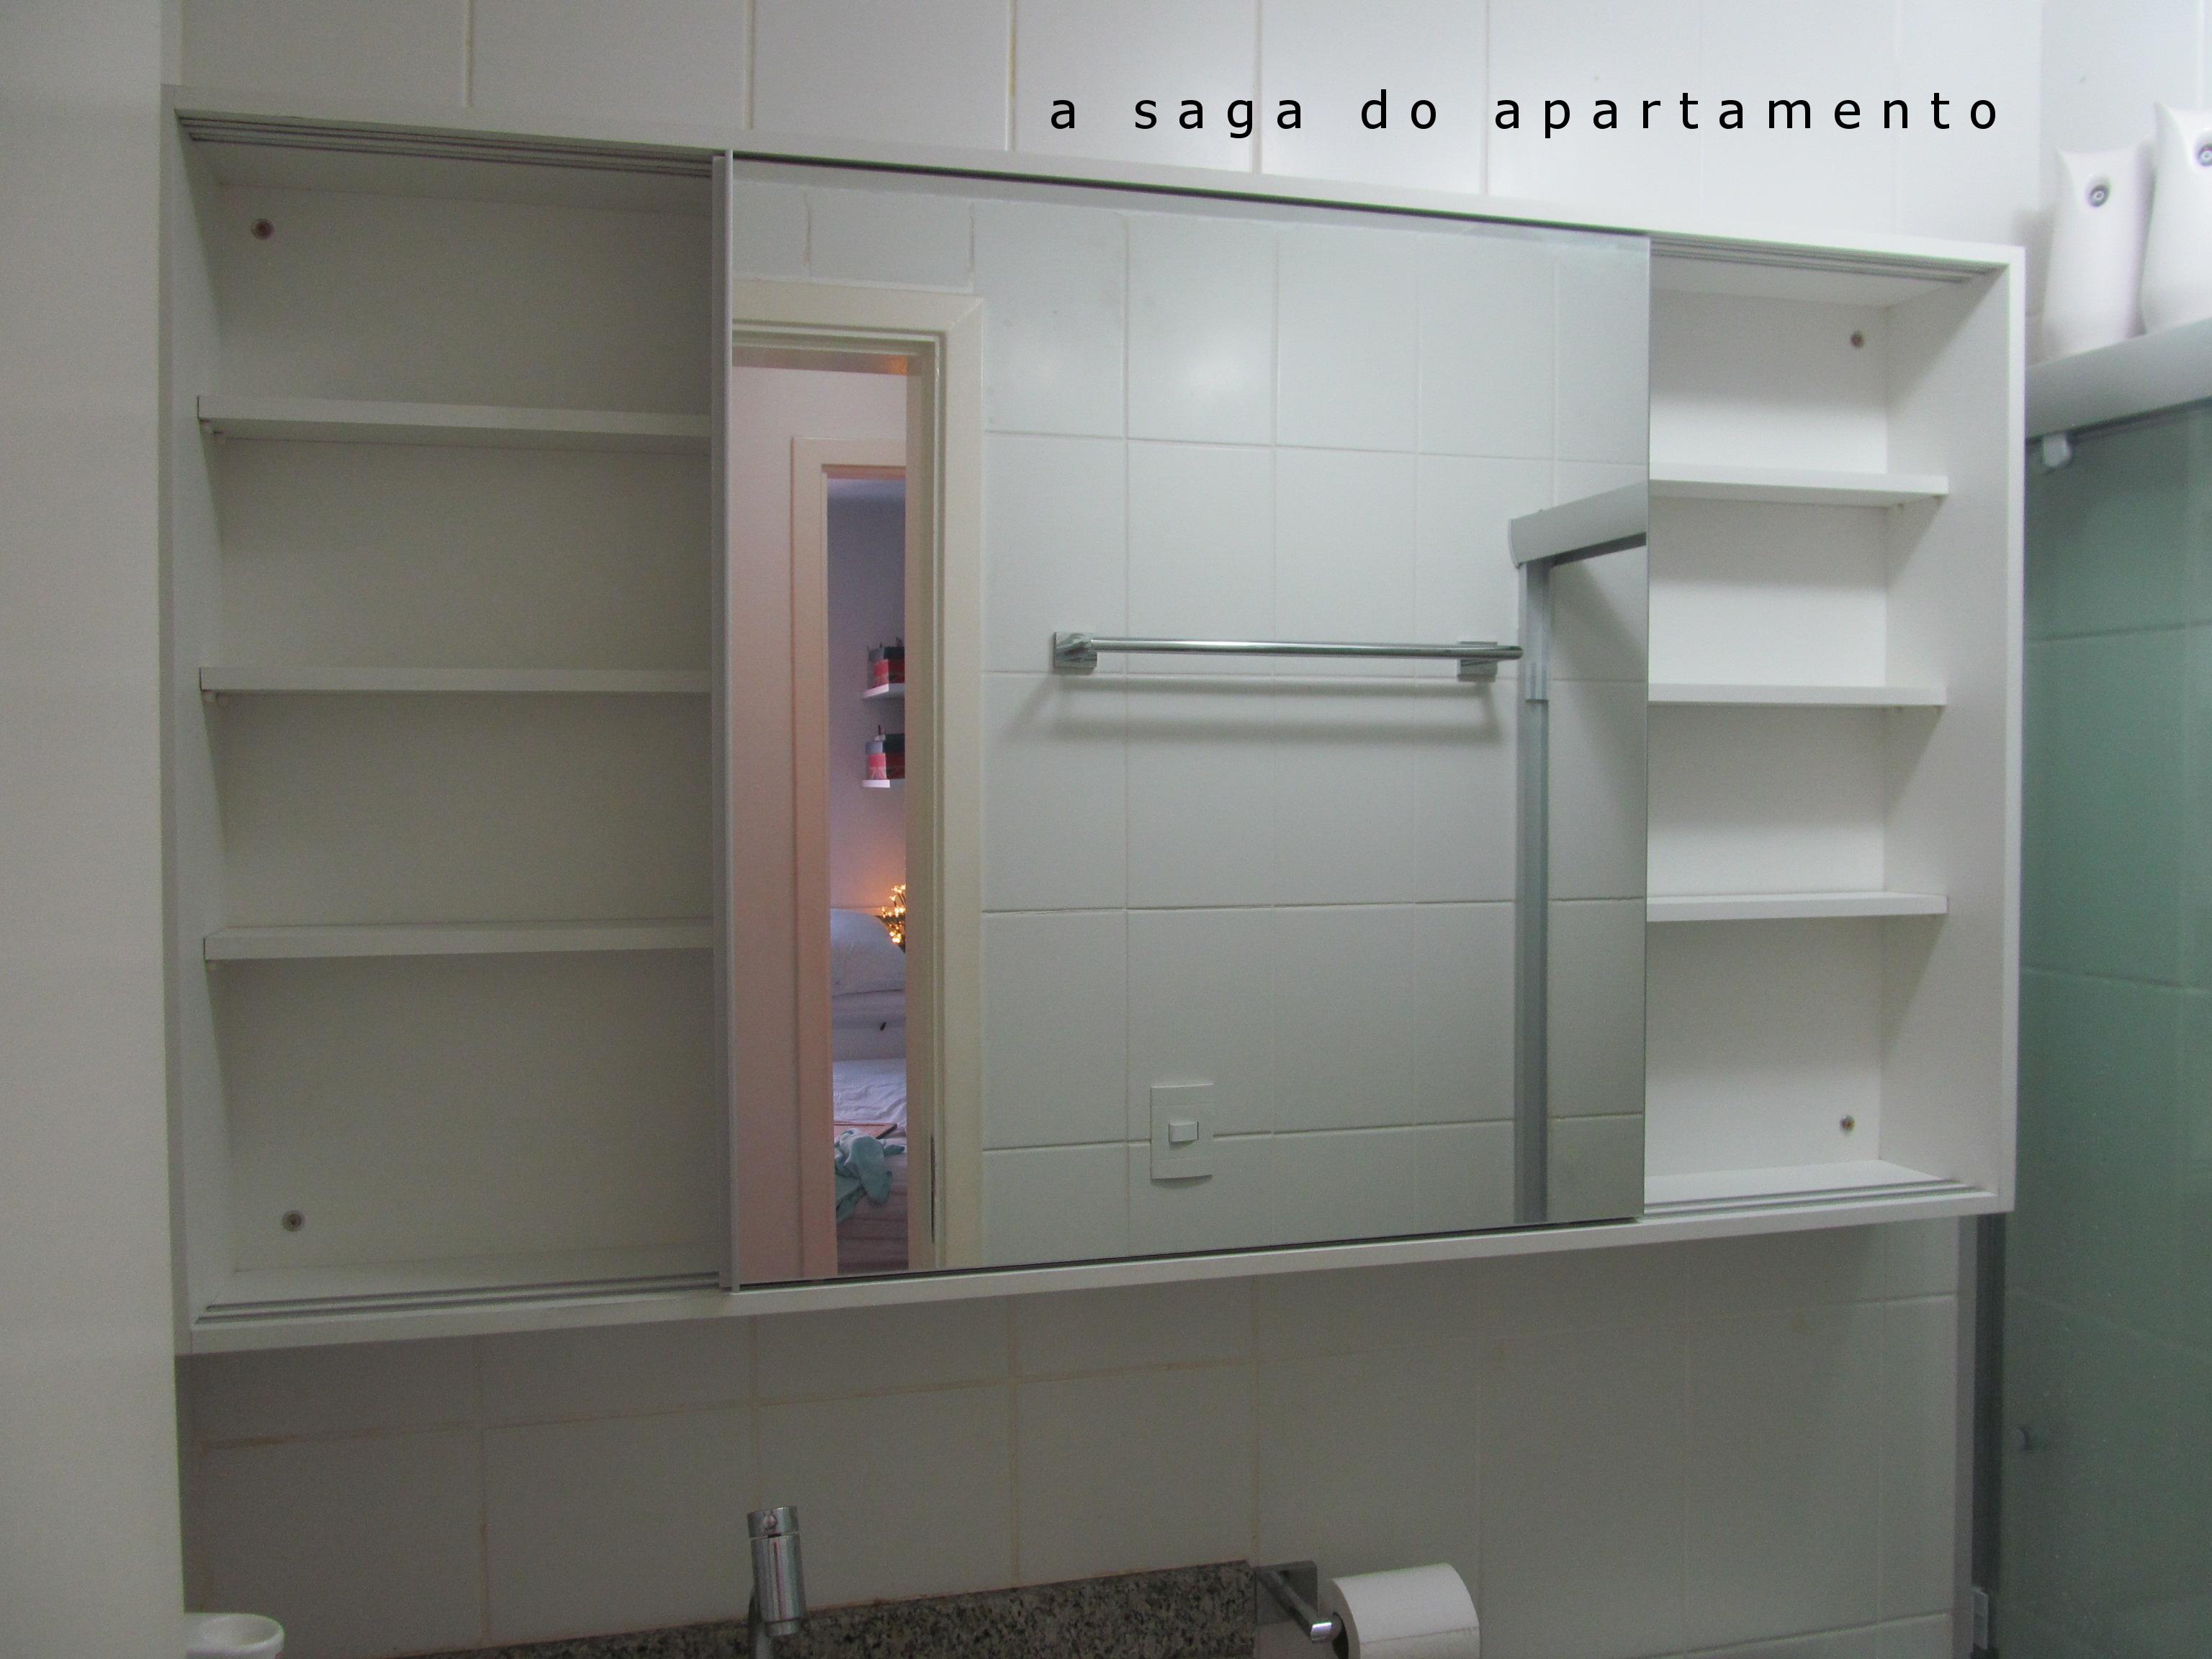 loja de planejados daria conta do serviço sem maiores complicações #4F635B 3072x2304 Armarinho De Banheiro De Vidro